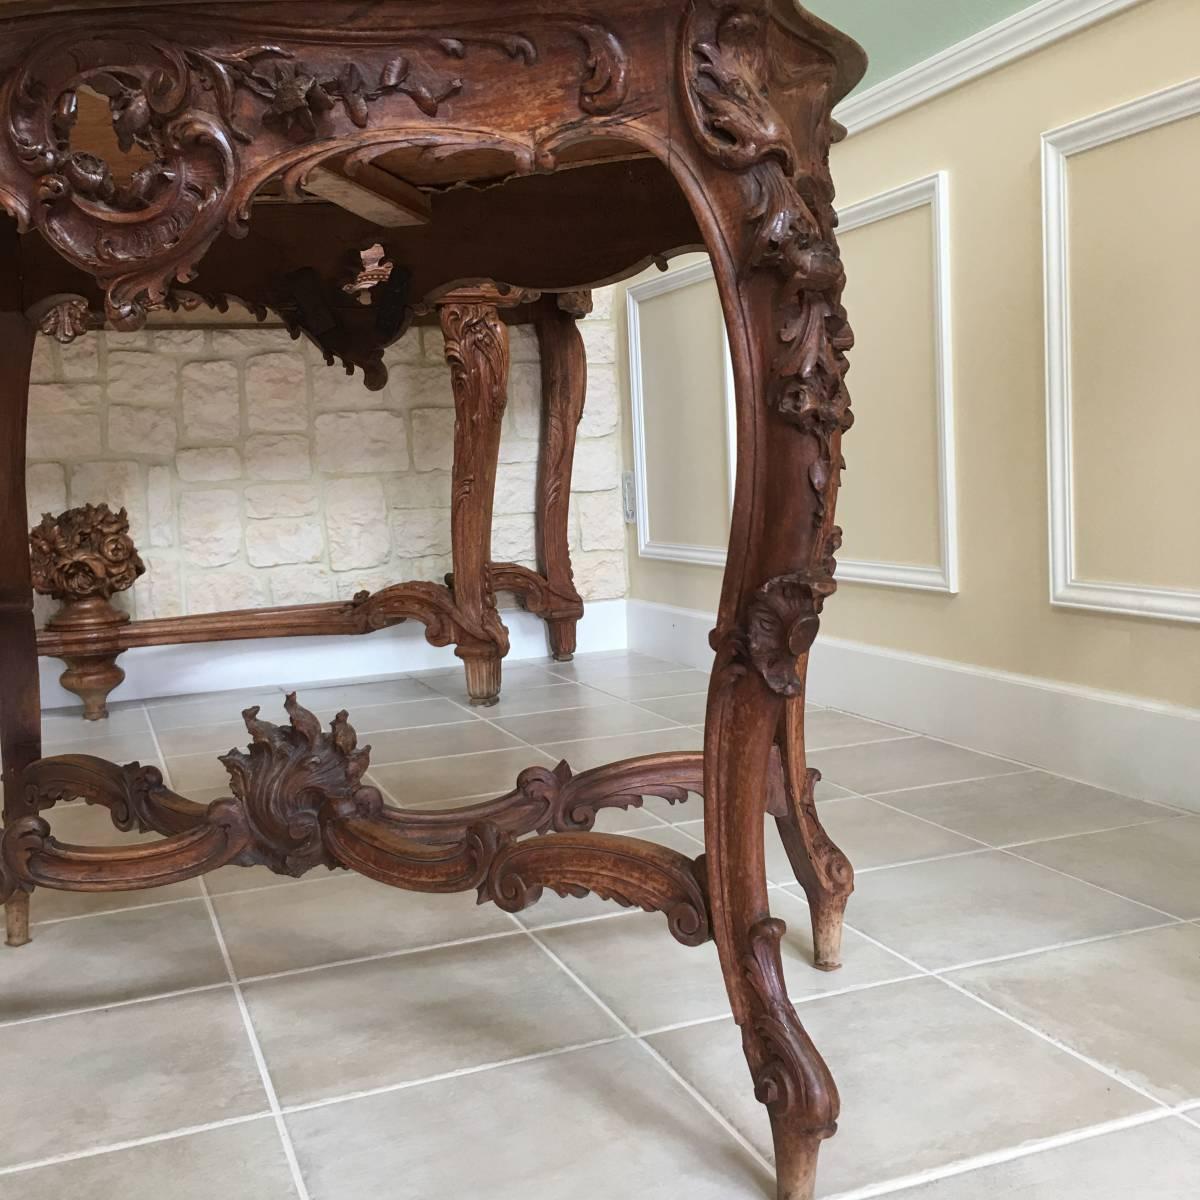 フランスアンティーク テーブル アンティークテーブル 19世紀 コンソールテーブル ルイ15世様式 ロココ様式 アンティーク家具_画像6